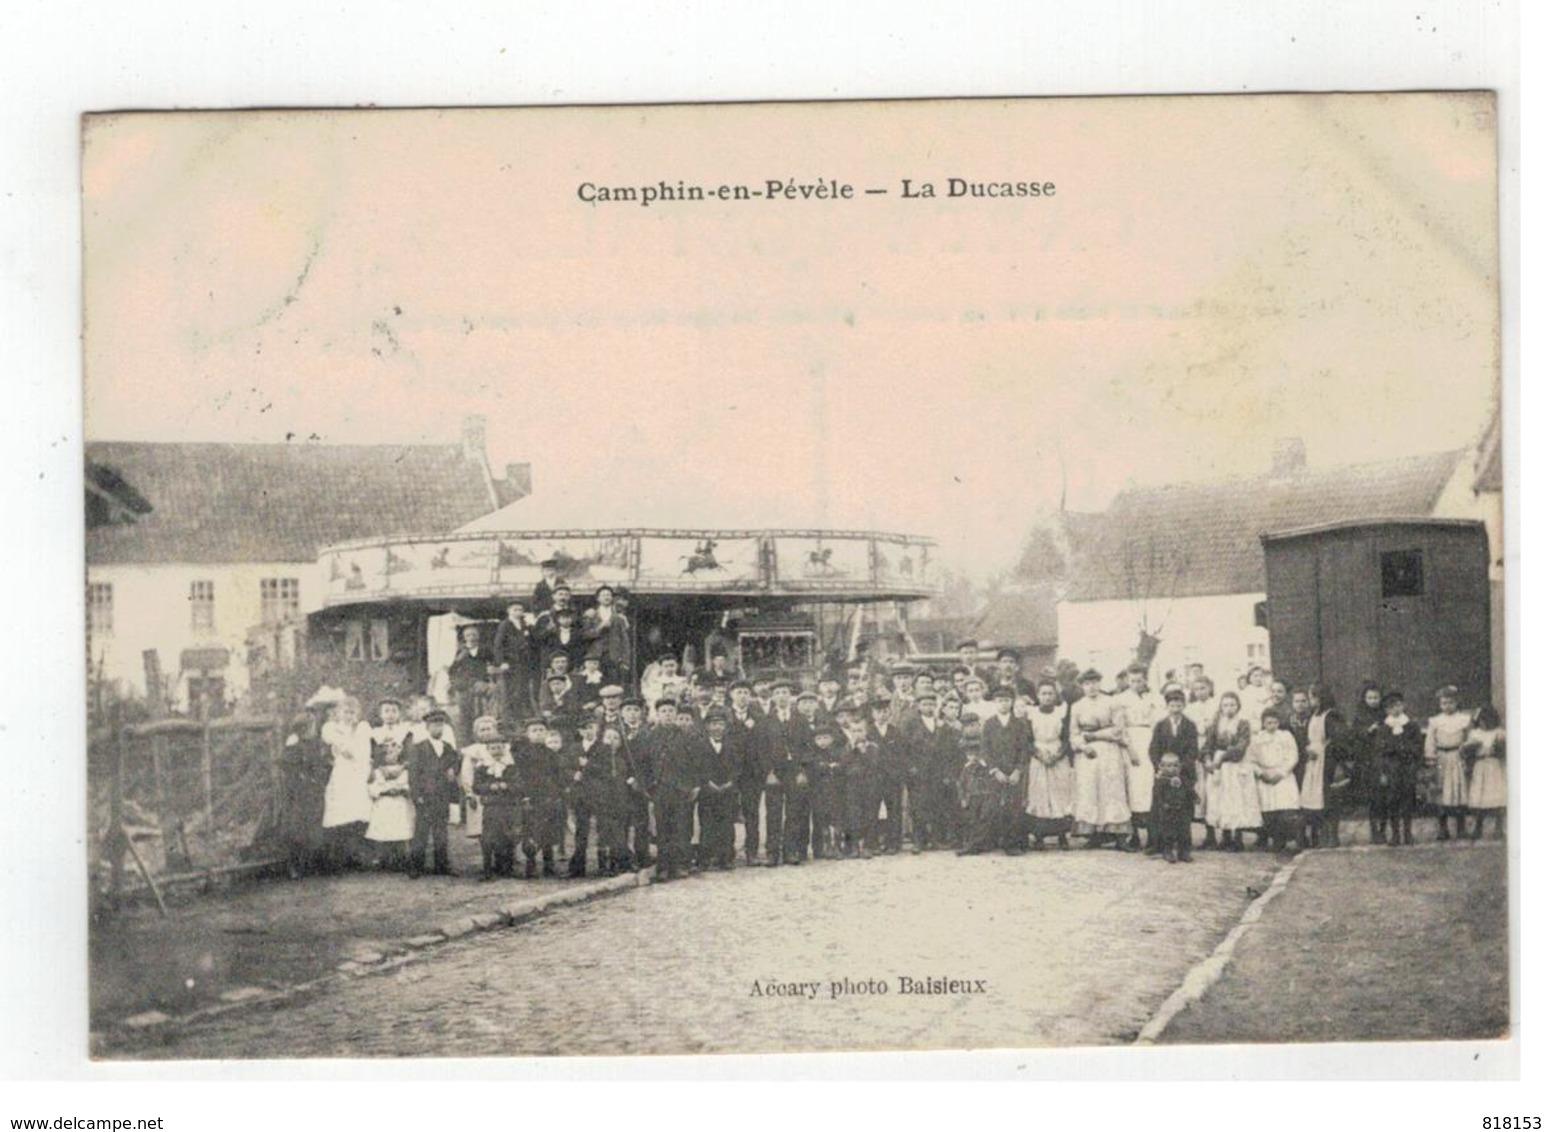 Camphin-en-Pévèle  -  La Ducasse   1911 - France